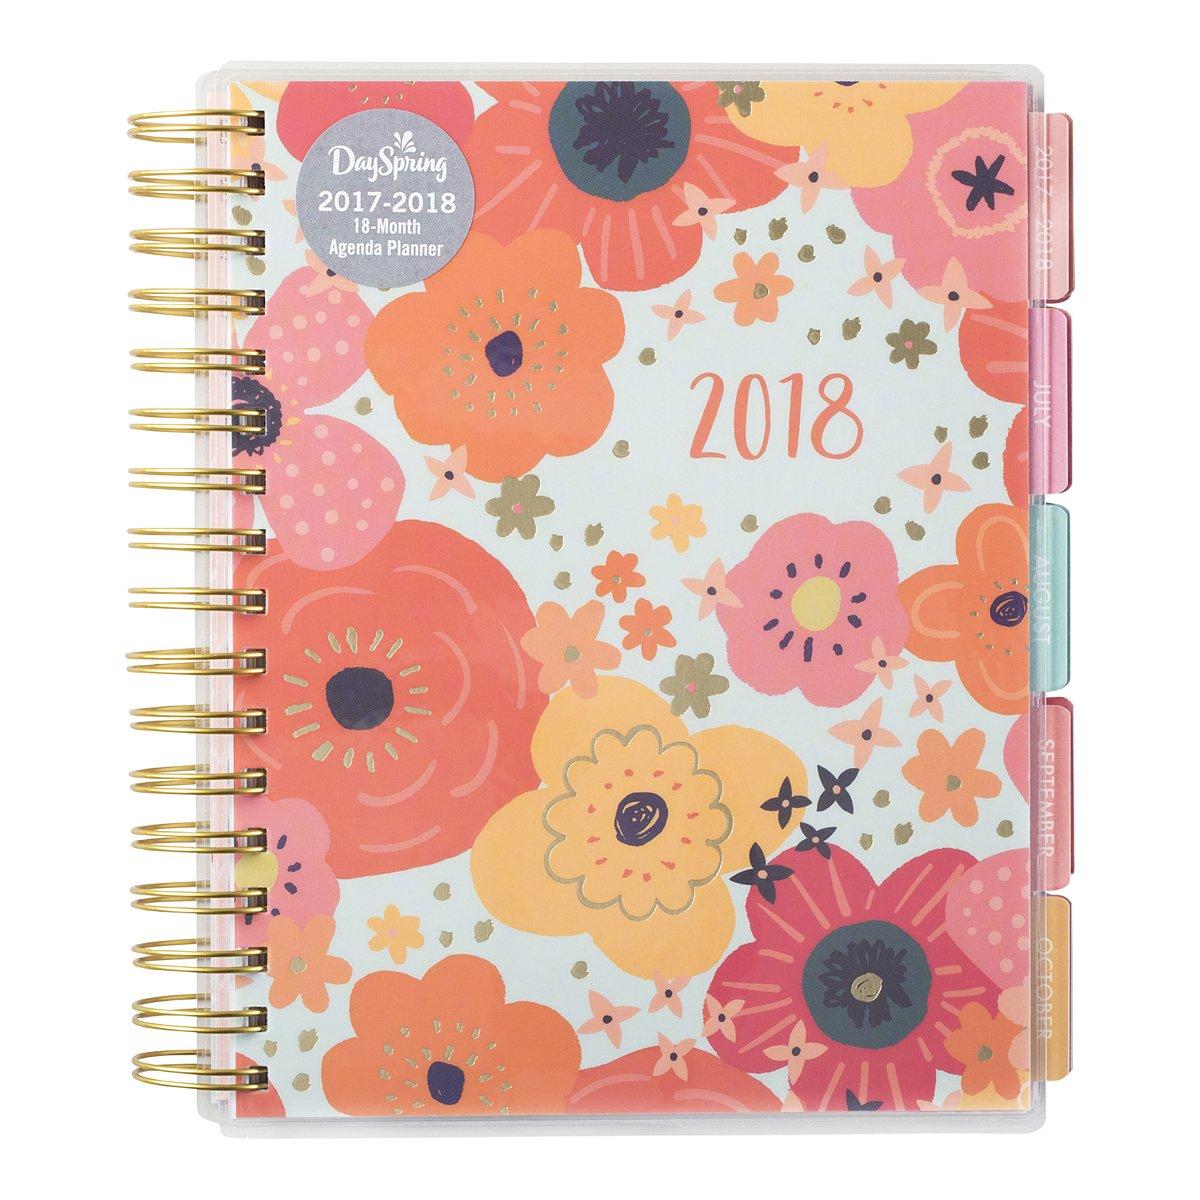 2018 Agenda Planner - Vintage Floral